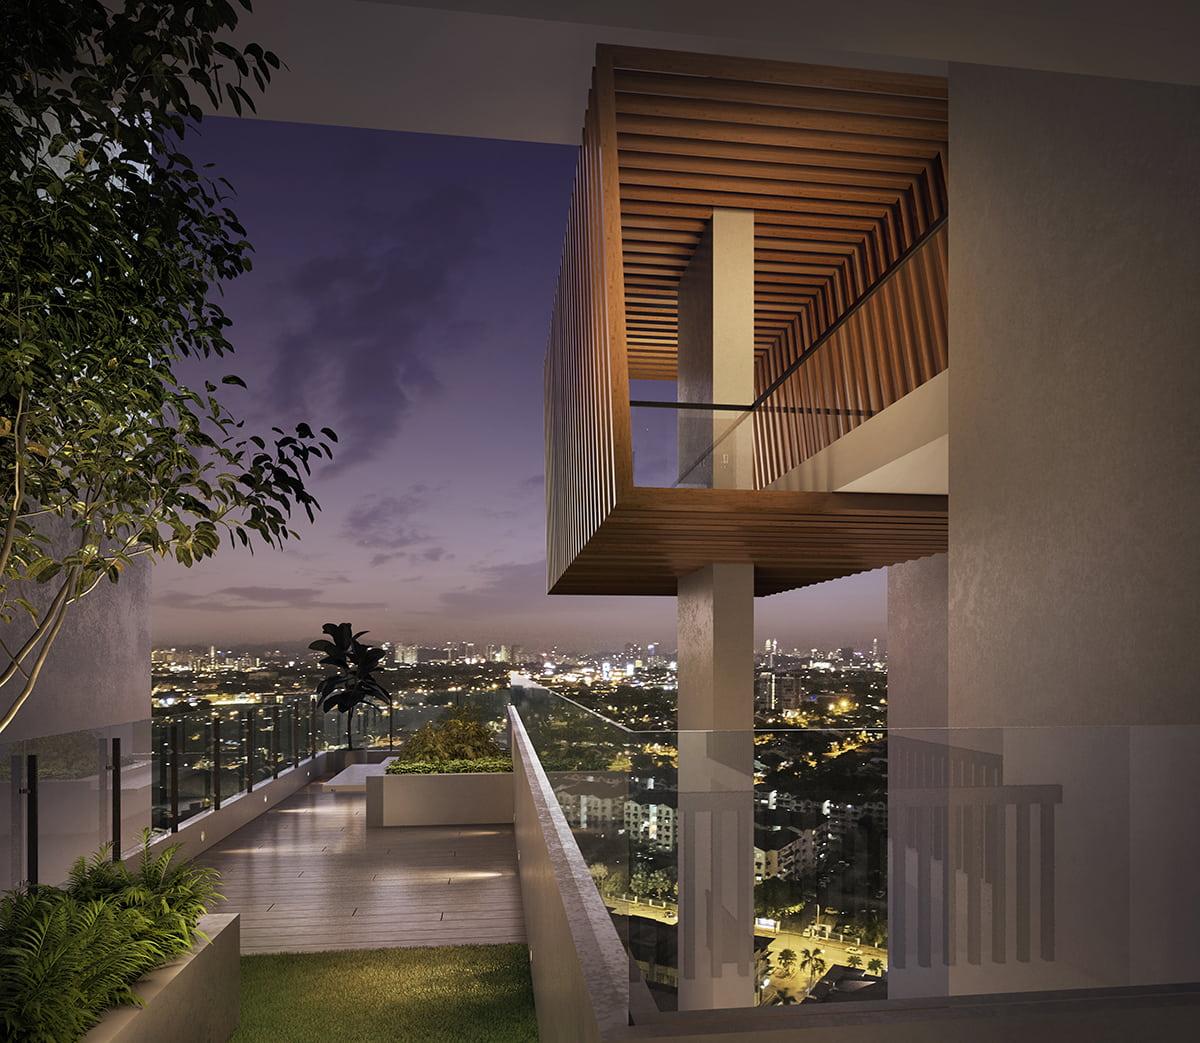 HighPark Suites' Sky Garden